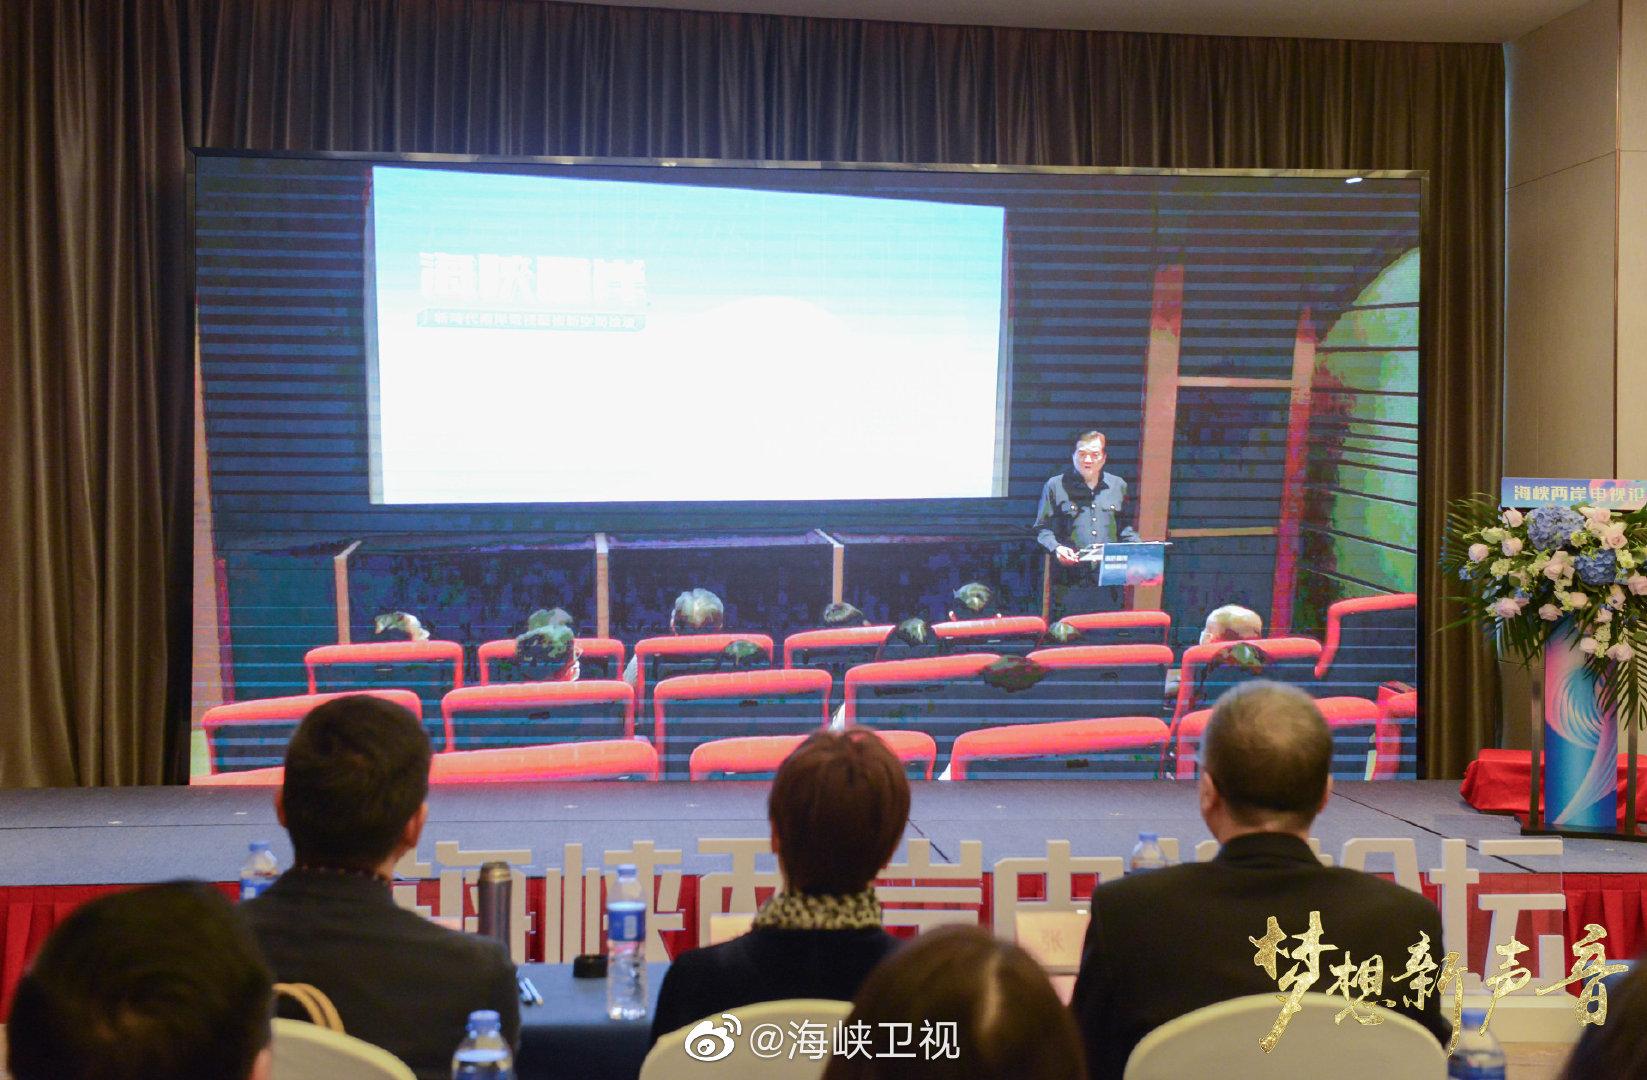 本届海峡两岸电视论坛因疫情影响,台湾专家无法访问大陆